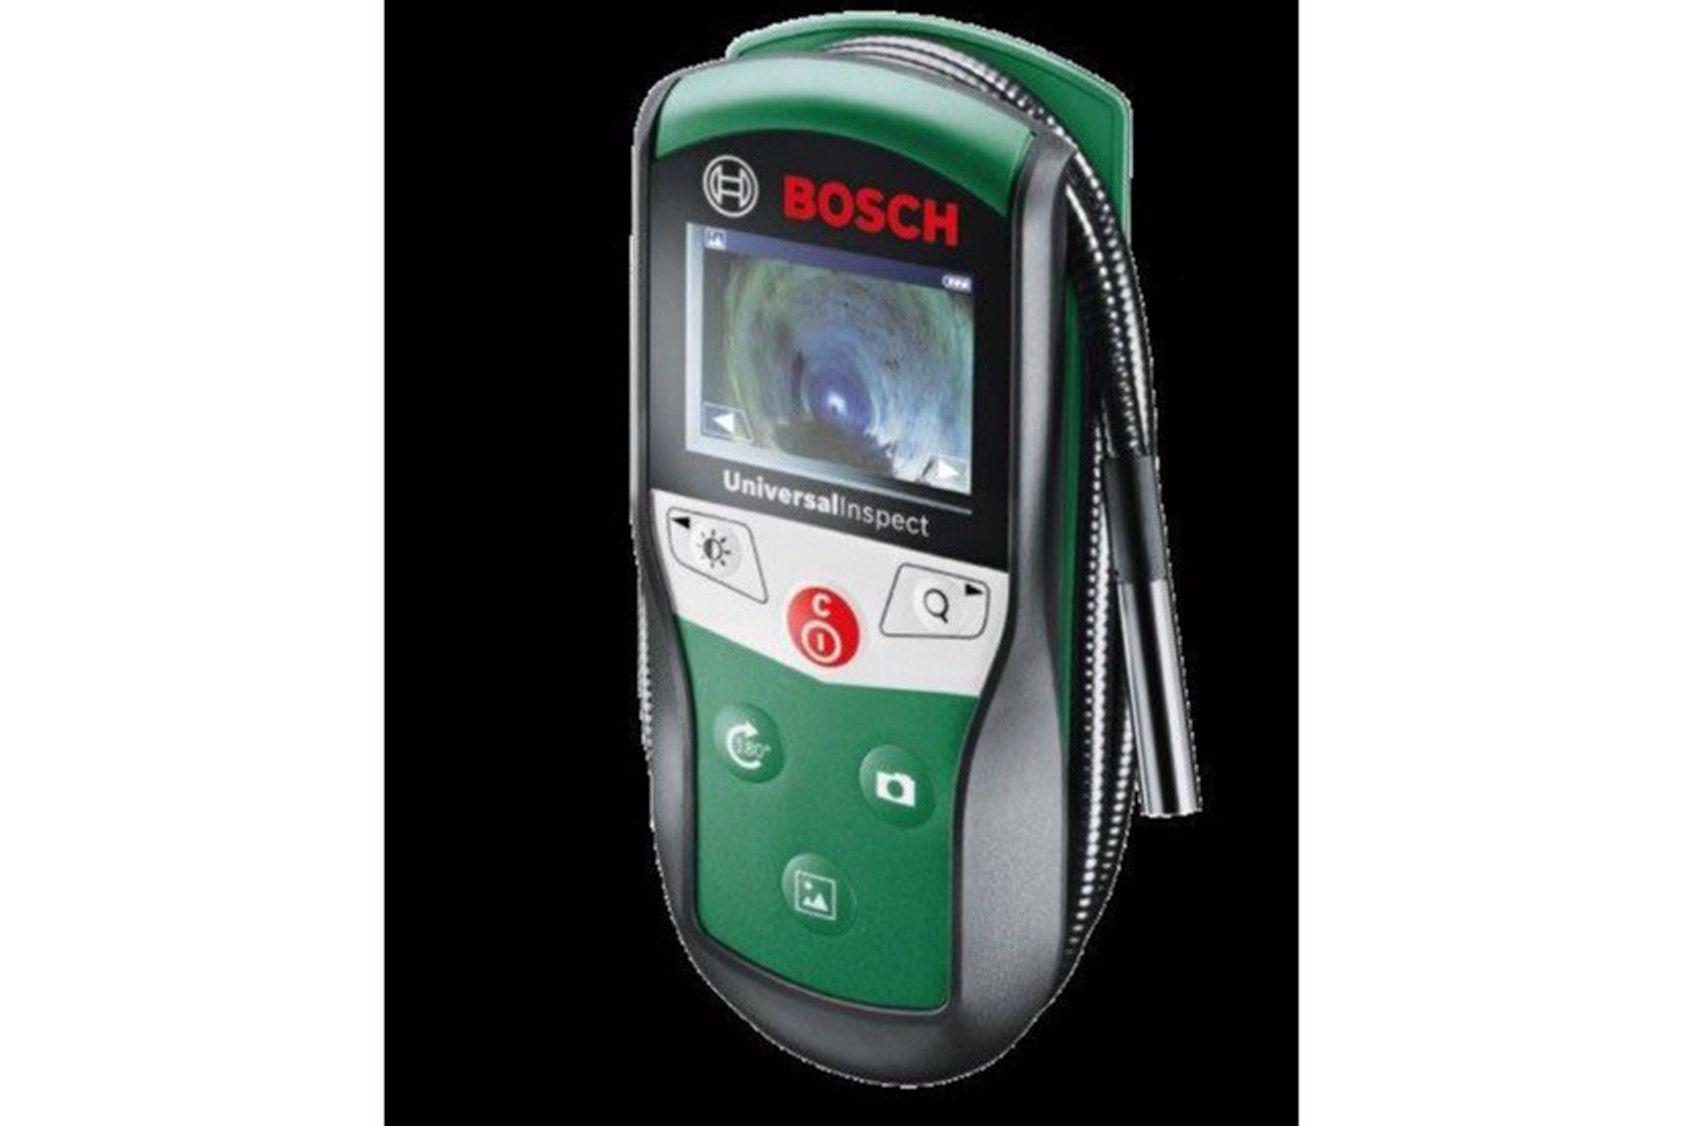 Nos essais: caméra d'inspection Bosch - UniversalInspect